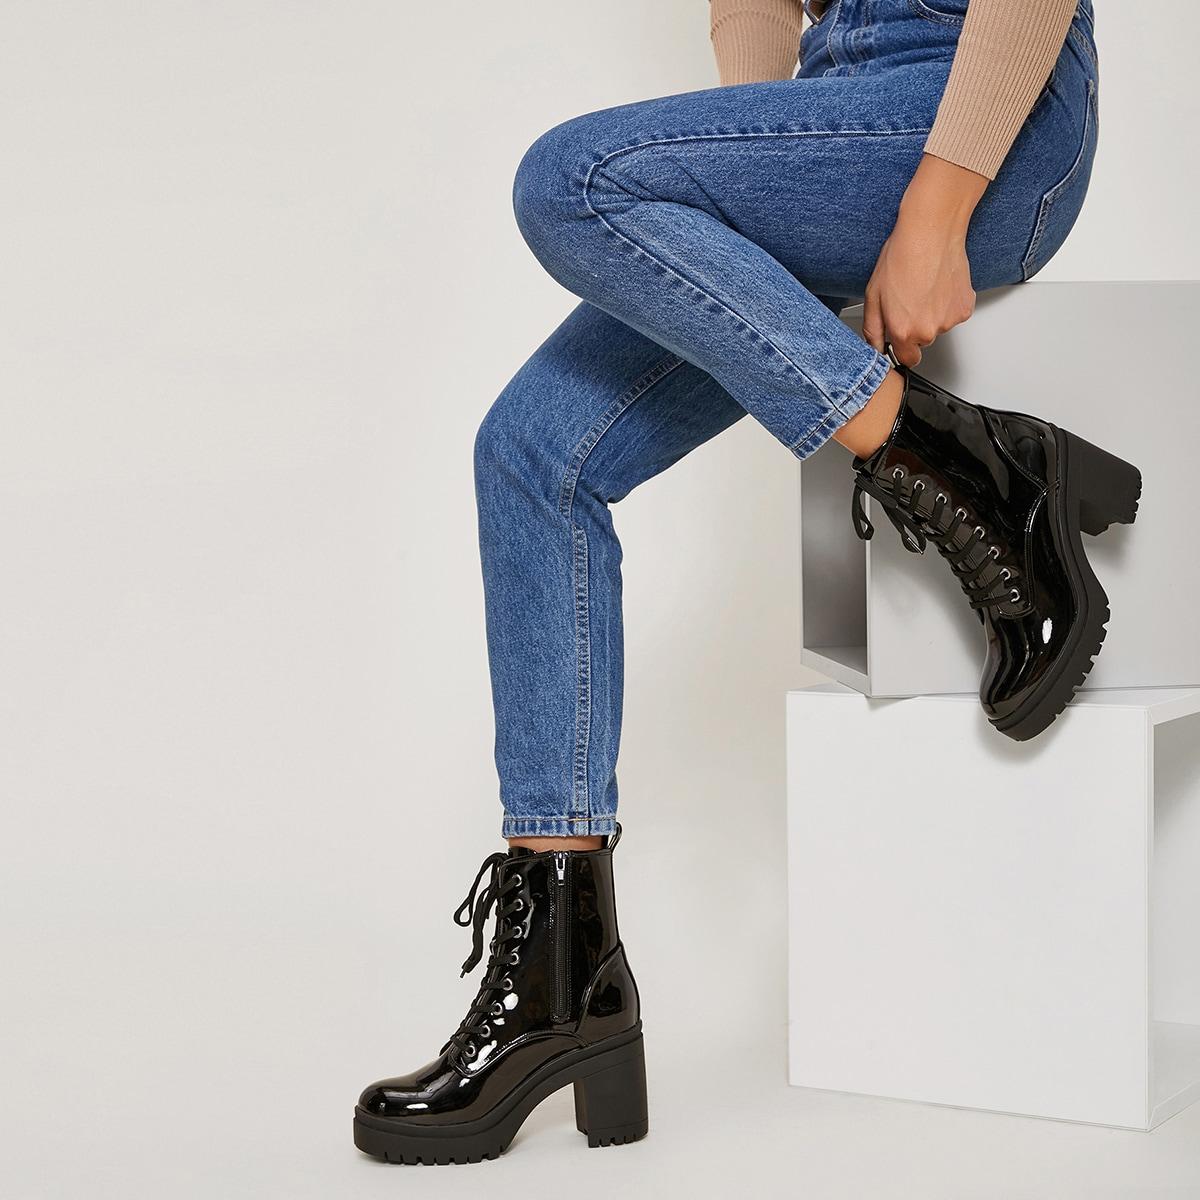 Ботинки на шнурках из искусственной лакированной кожи